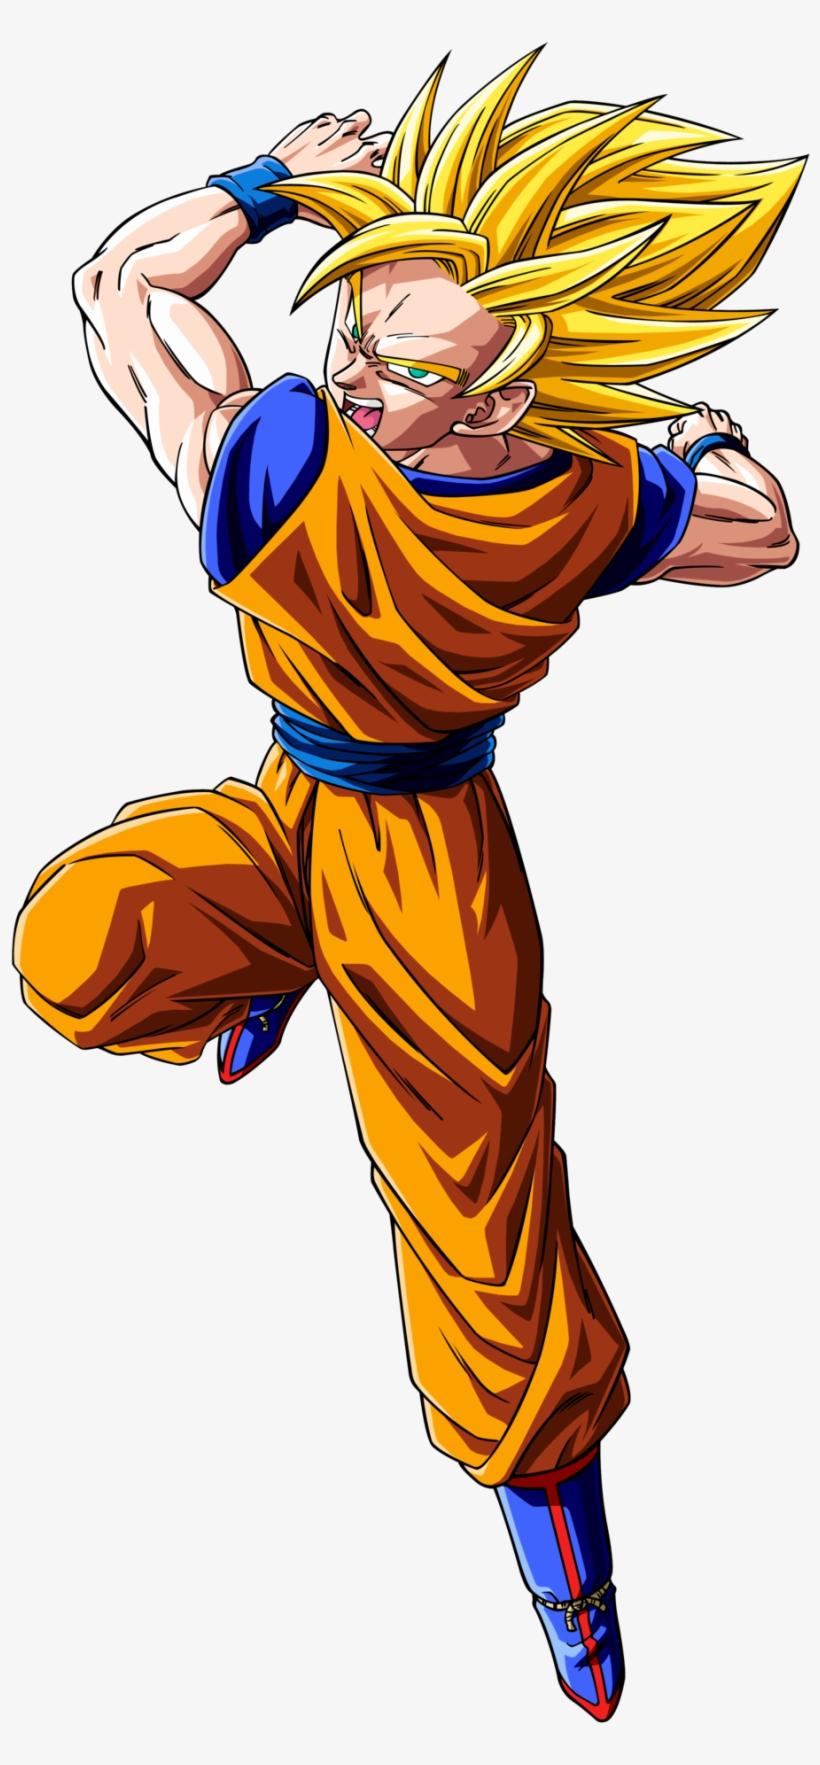 Goku Ssj - Dibujos De Dragon Ball Super Goku Ssj, transparent png #67295